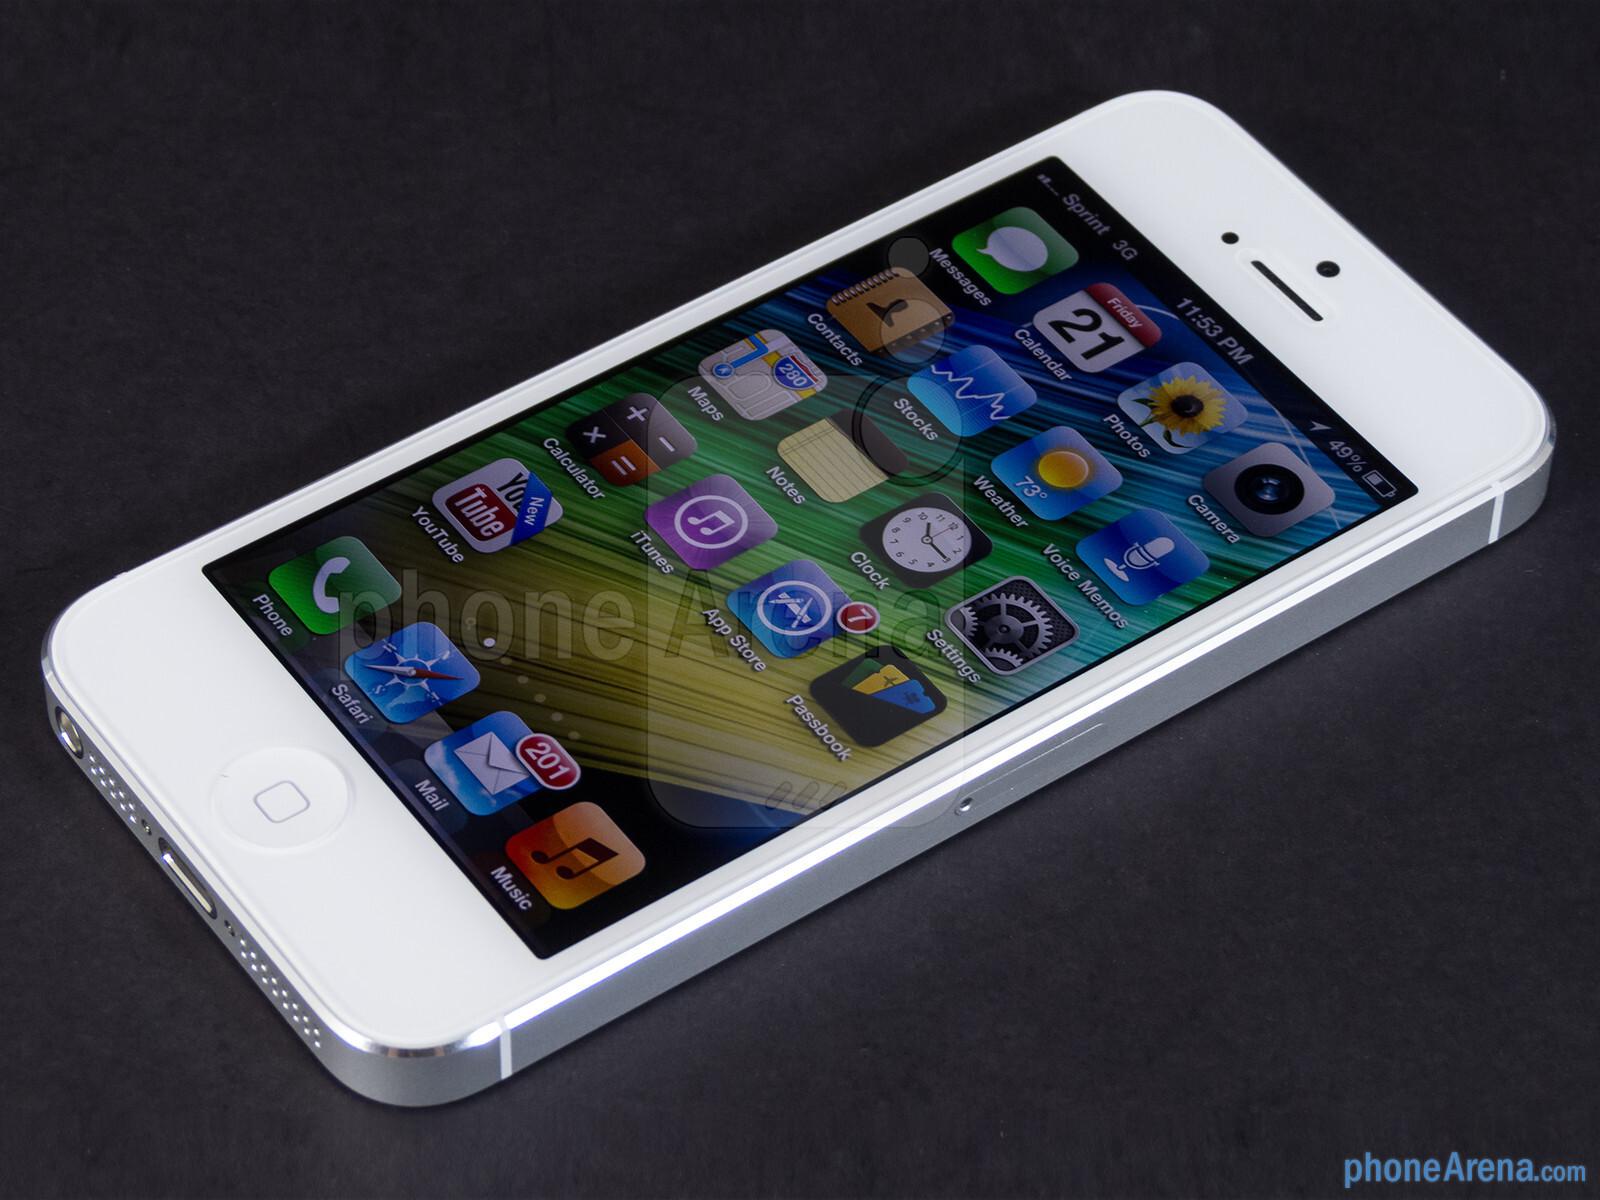 Apple-iPhone-5-Review-07-jpg.jpg (1600×1200)